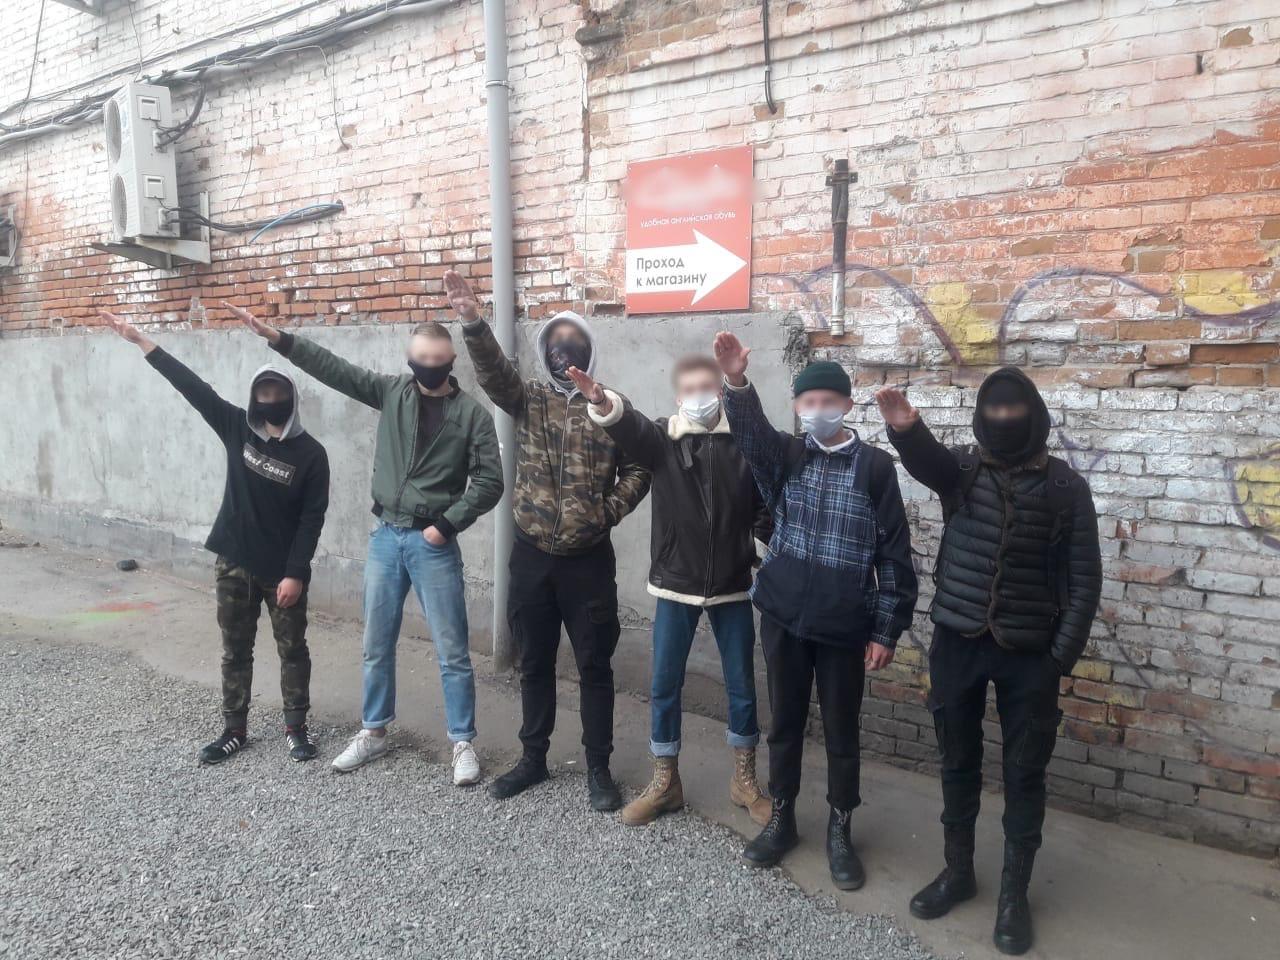 В Омске вынесли приговор банде студентов-неонацистов #Омск #Общество #Сегодня